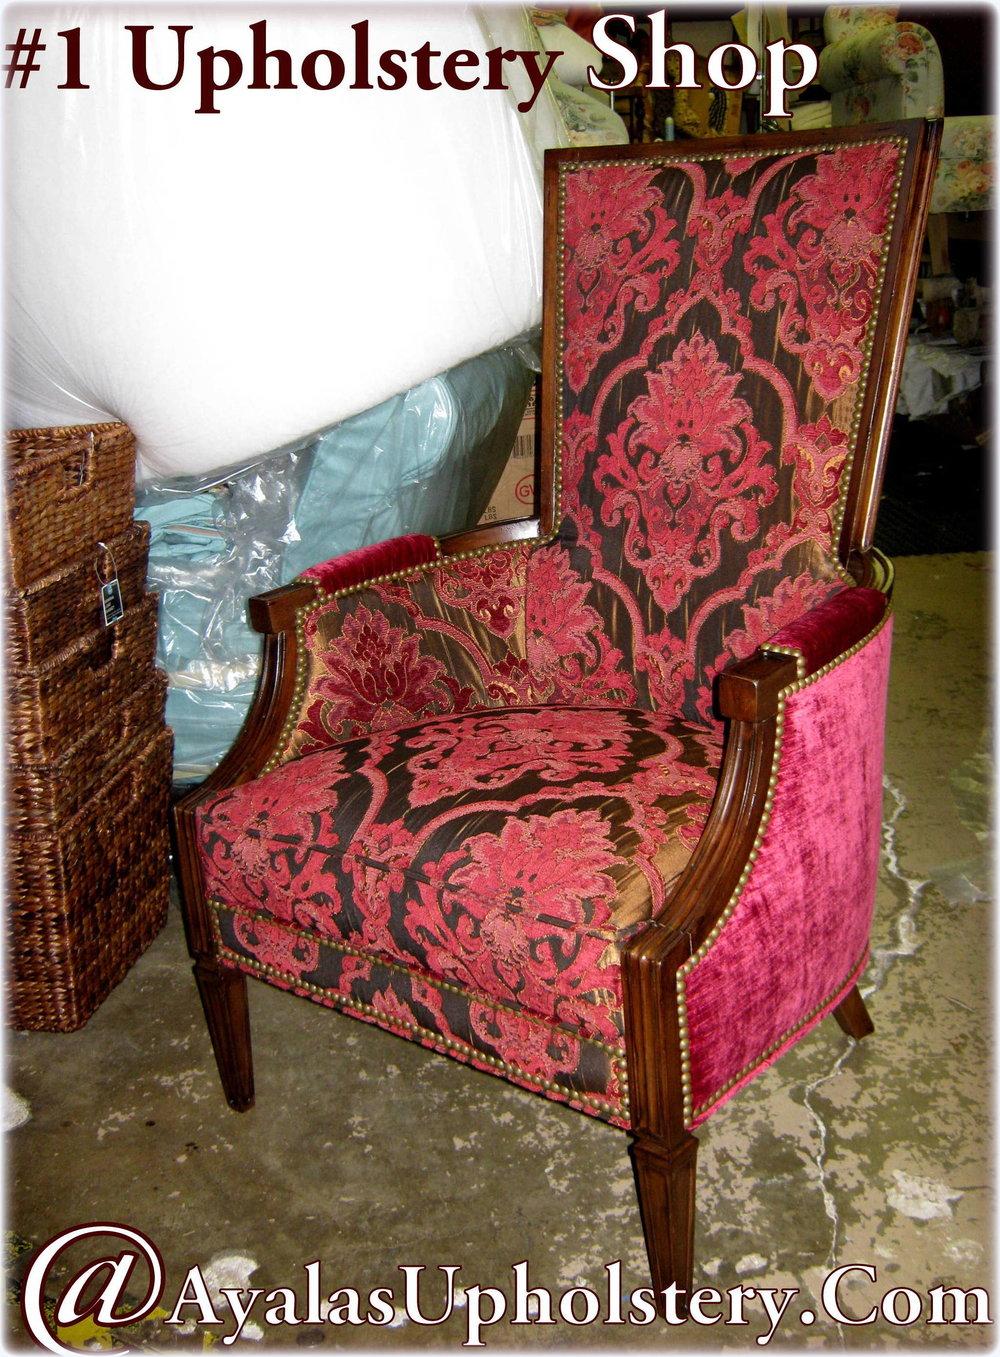 #1 upholstery shop.jpg